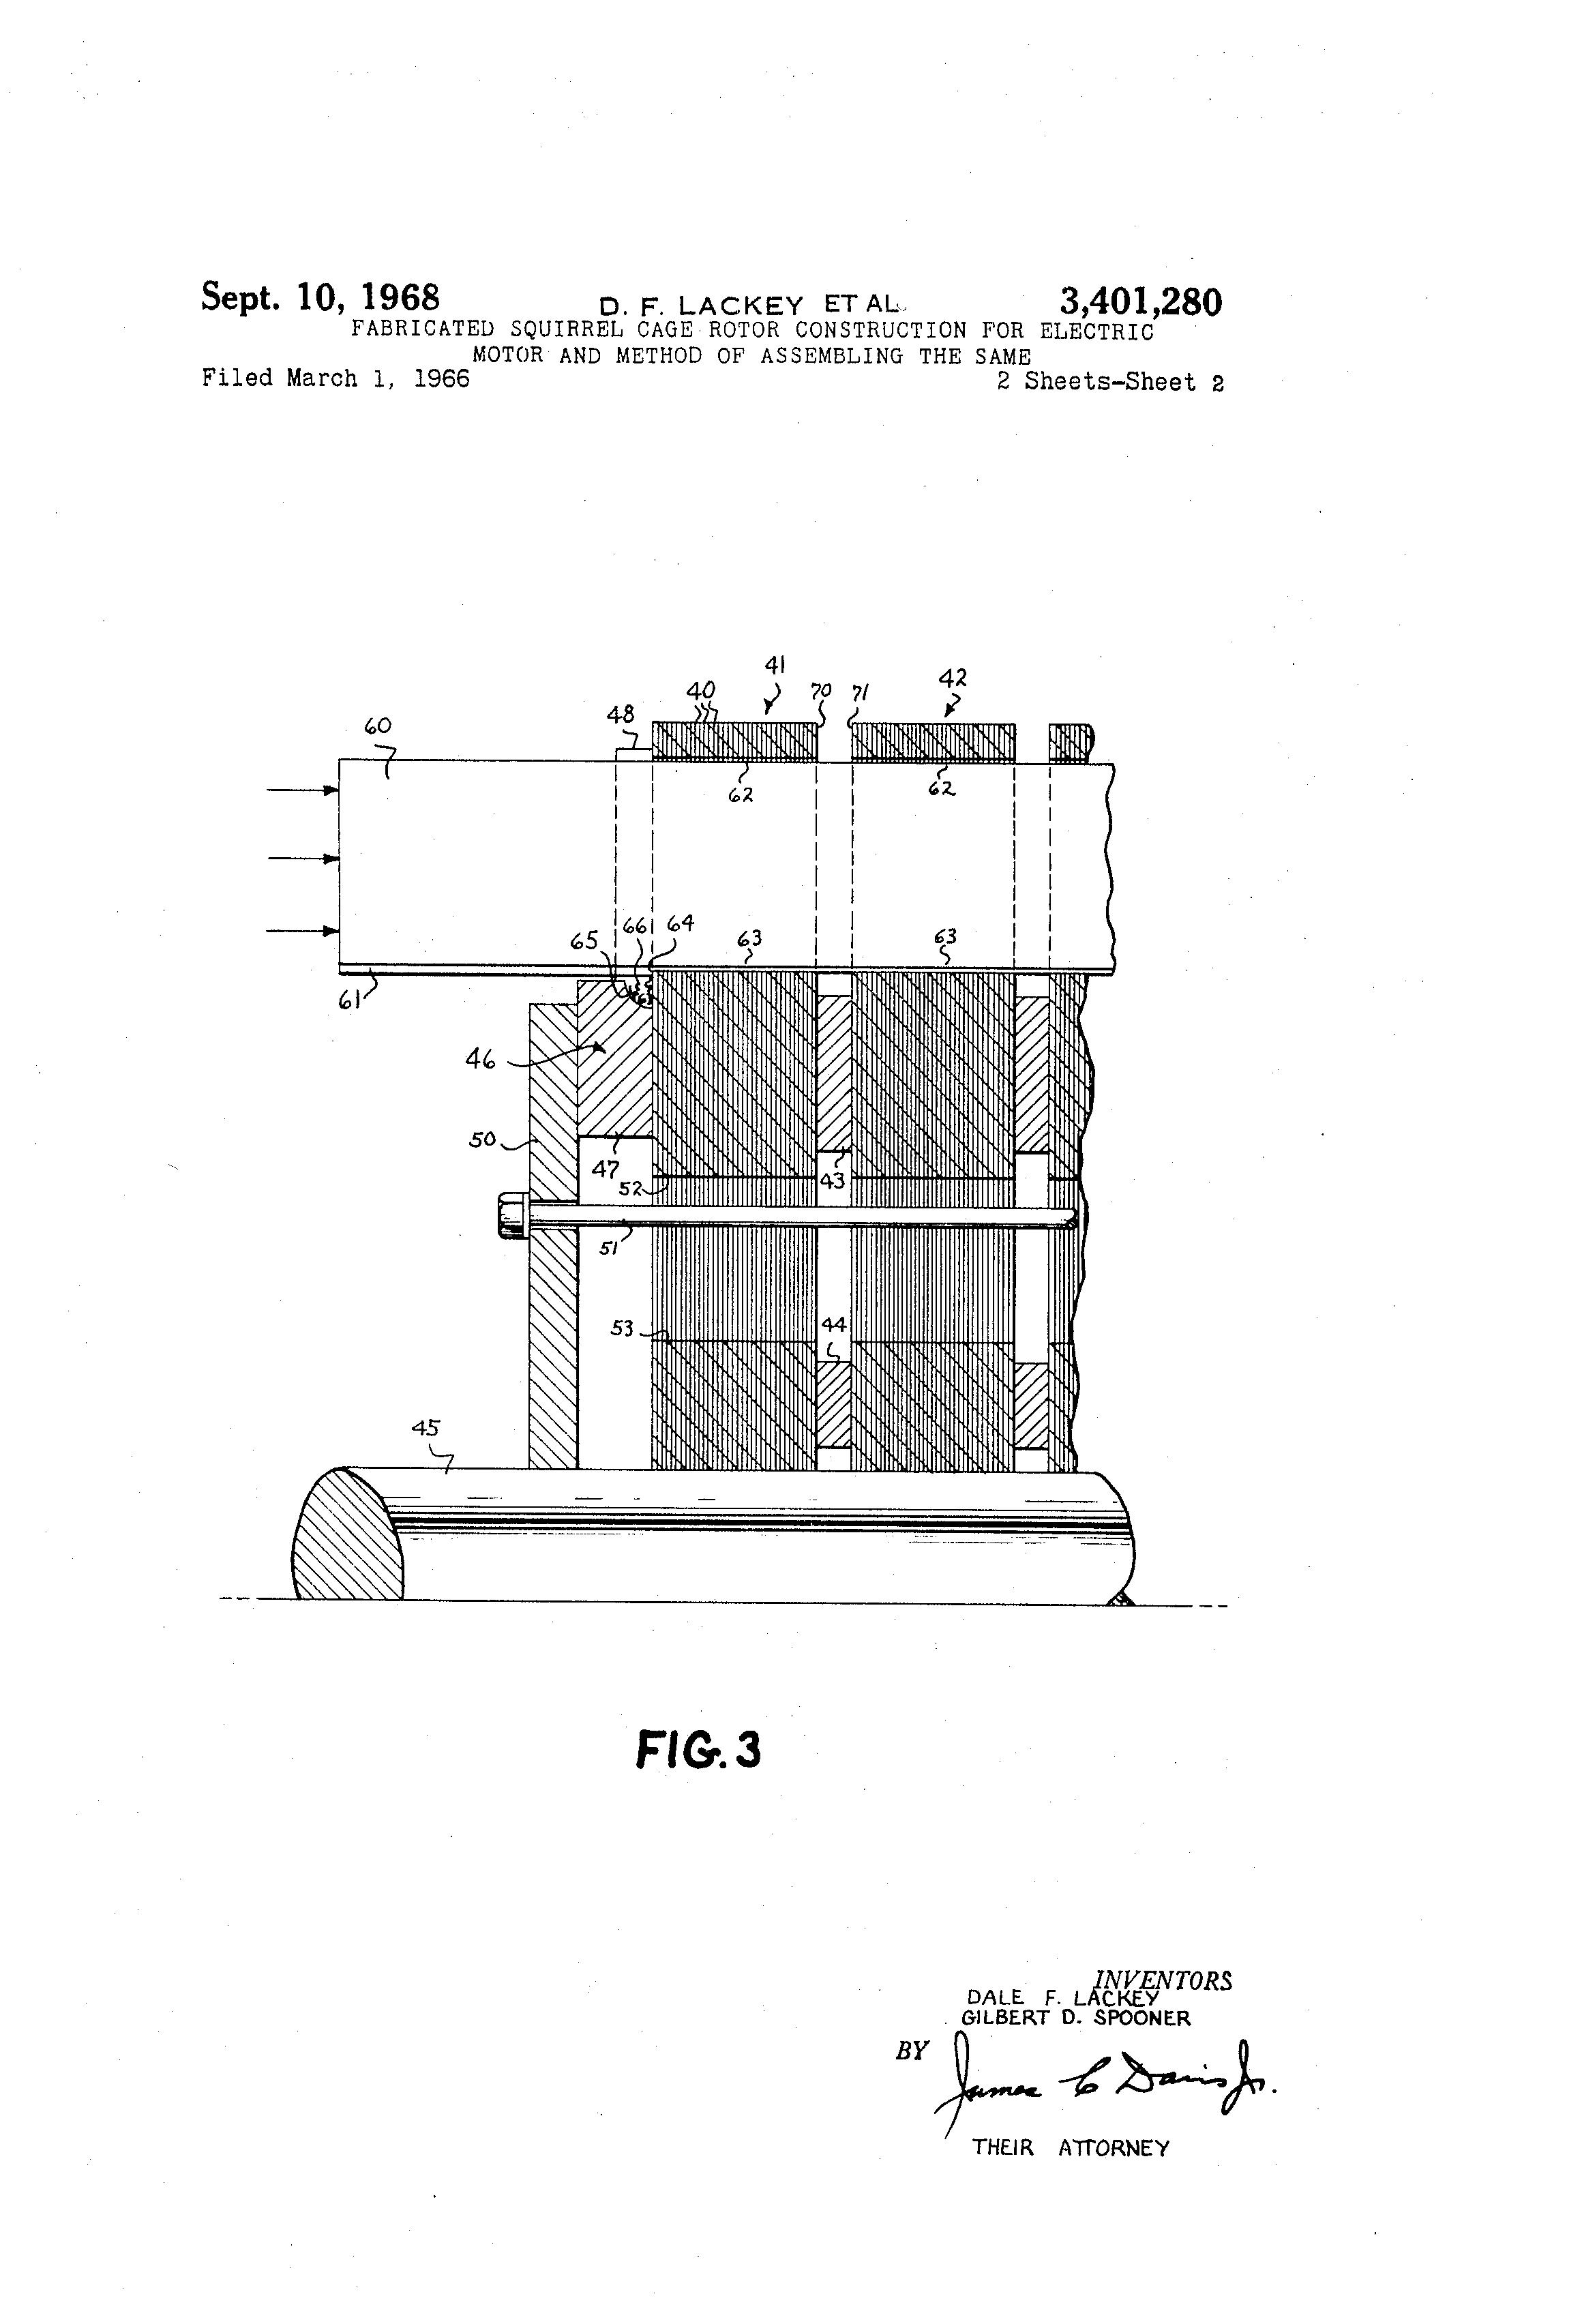 براءة الاختراع US3401280 - Fabricated squirrel cage rotor